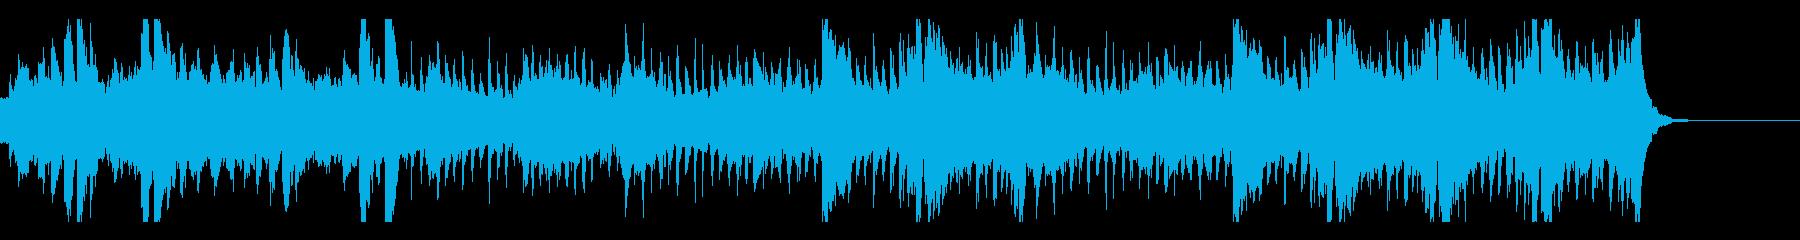 感動的なピアノとストリングスのバラードの再生済みの波形